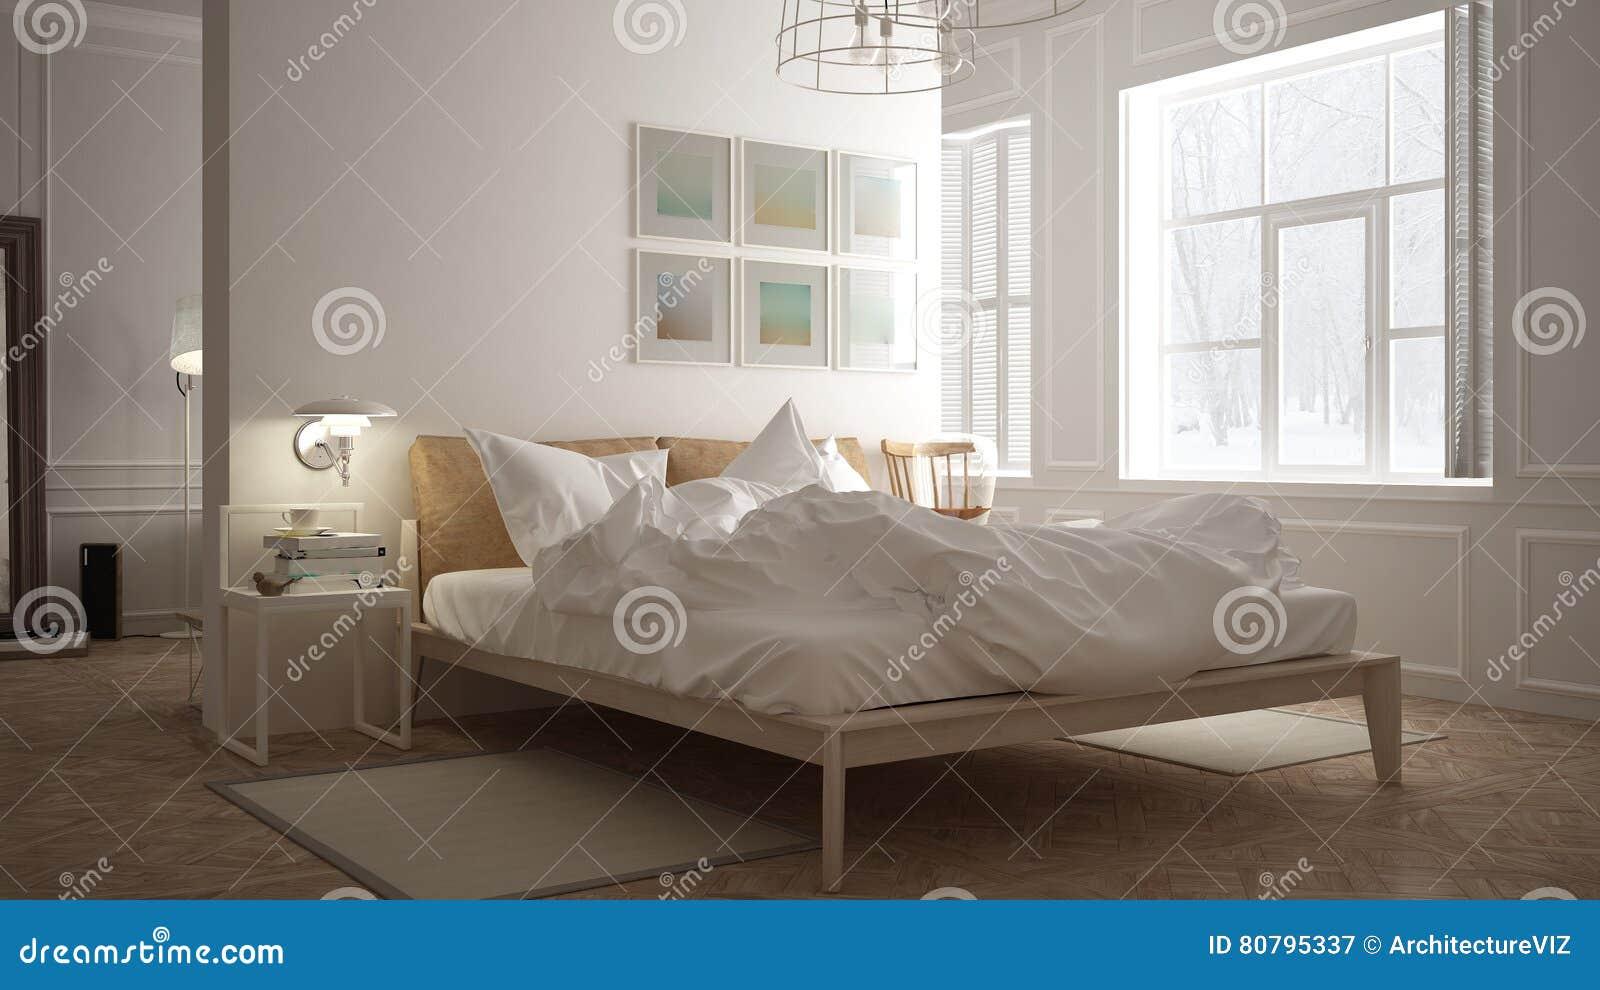 skandinavisches schlafzimmer, weißes minimalistic design, Schlafzimmer entwurf